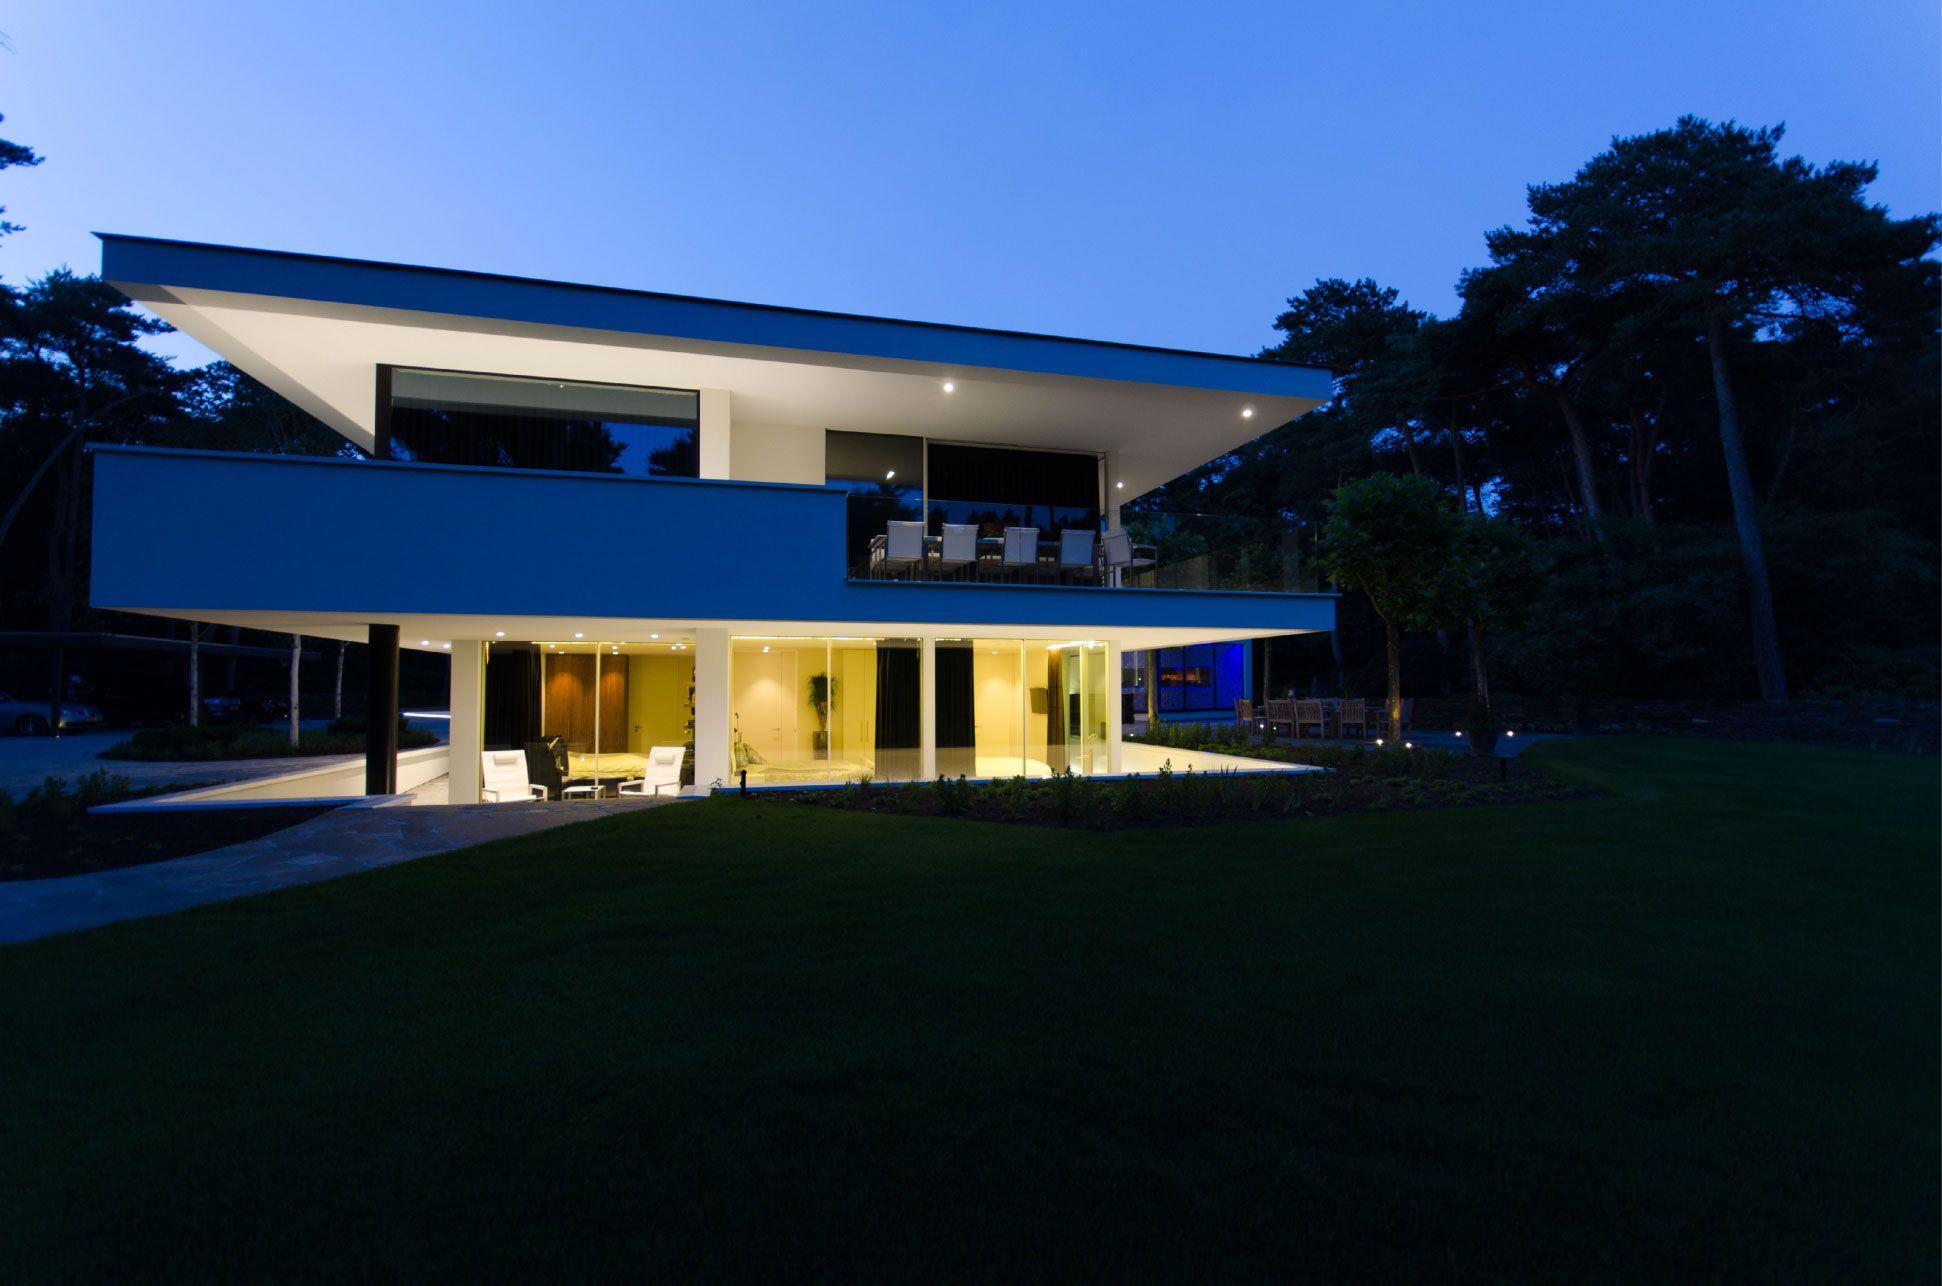 Ultramodern Noord Brabant House By Dpl Europe Caandesign